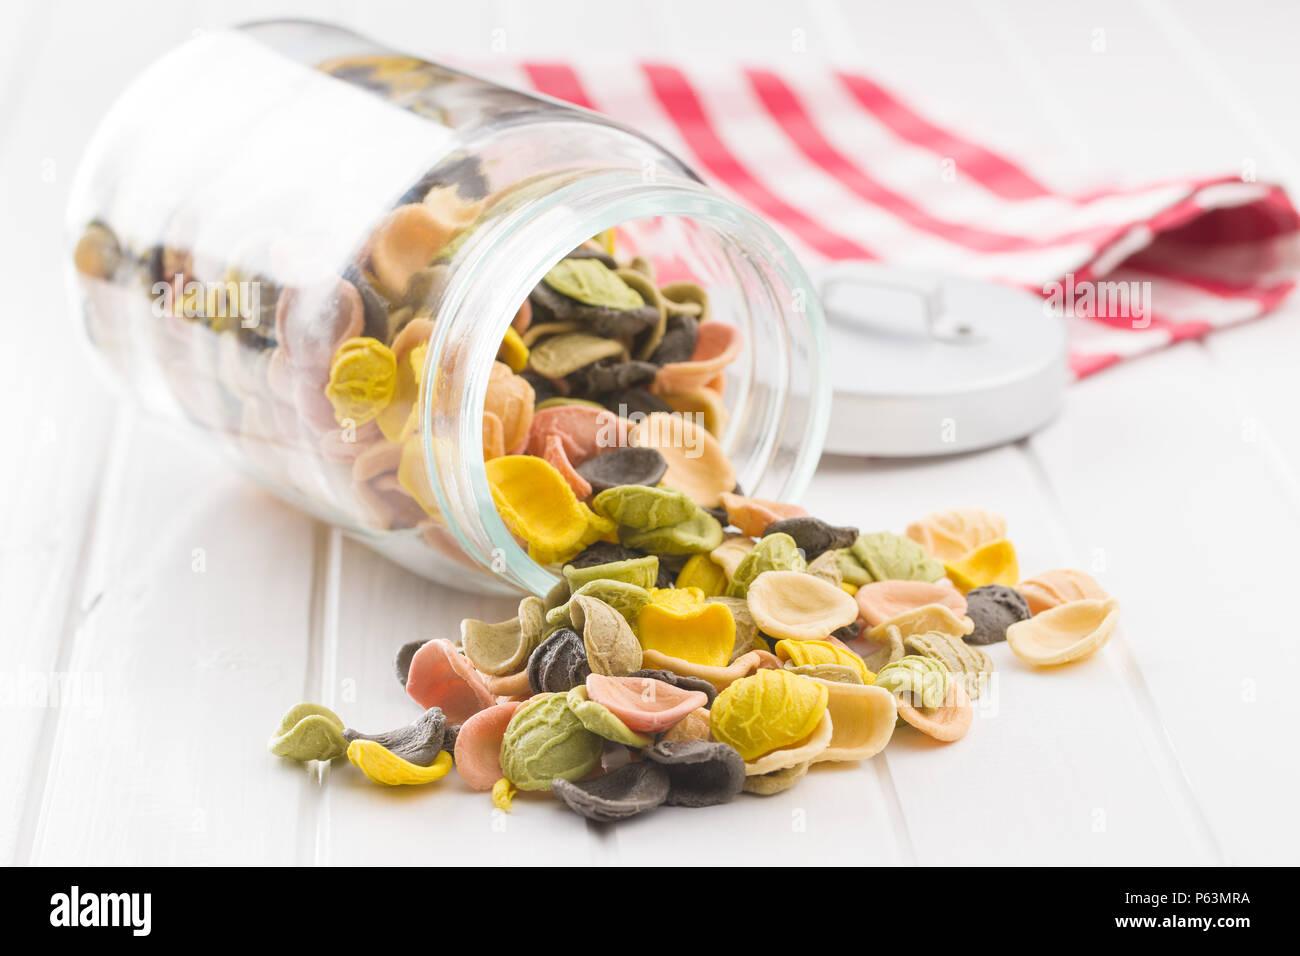 Italienische rainbow Pasta in jar. Stockbild